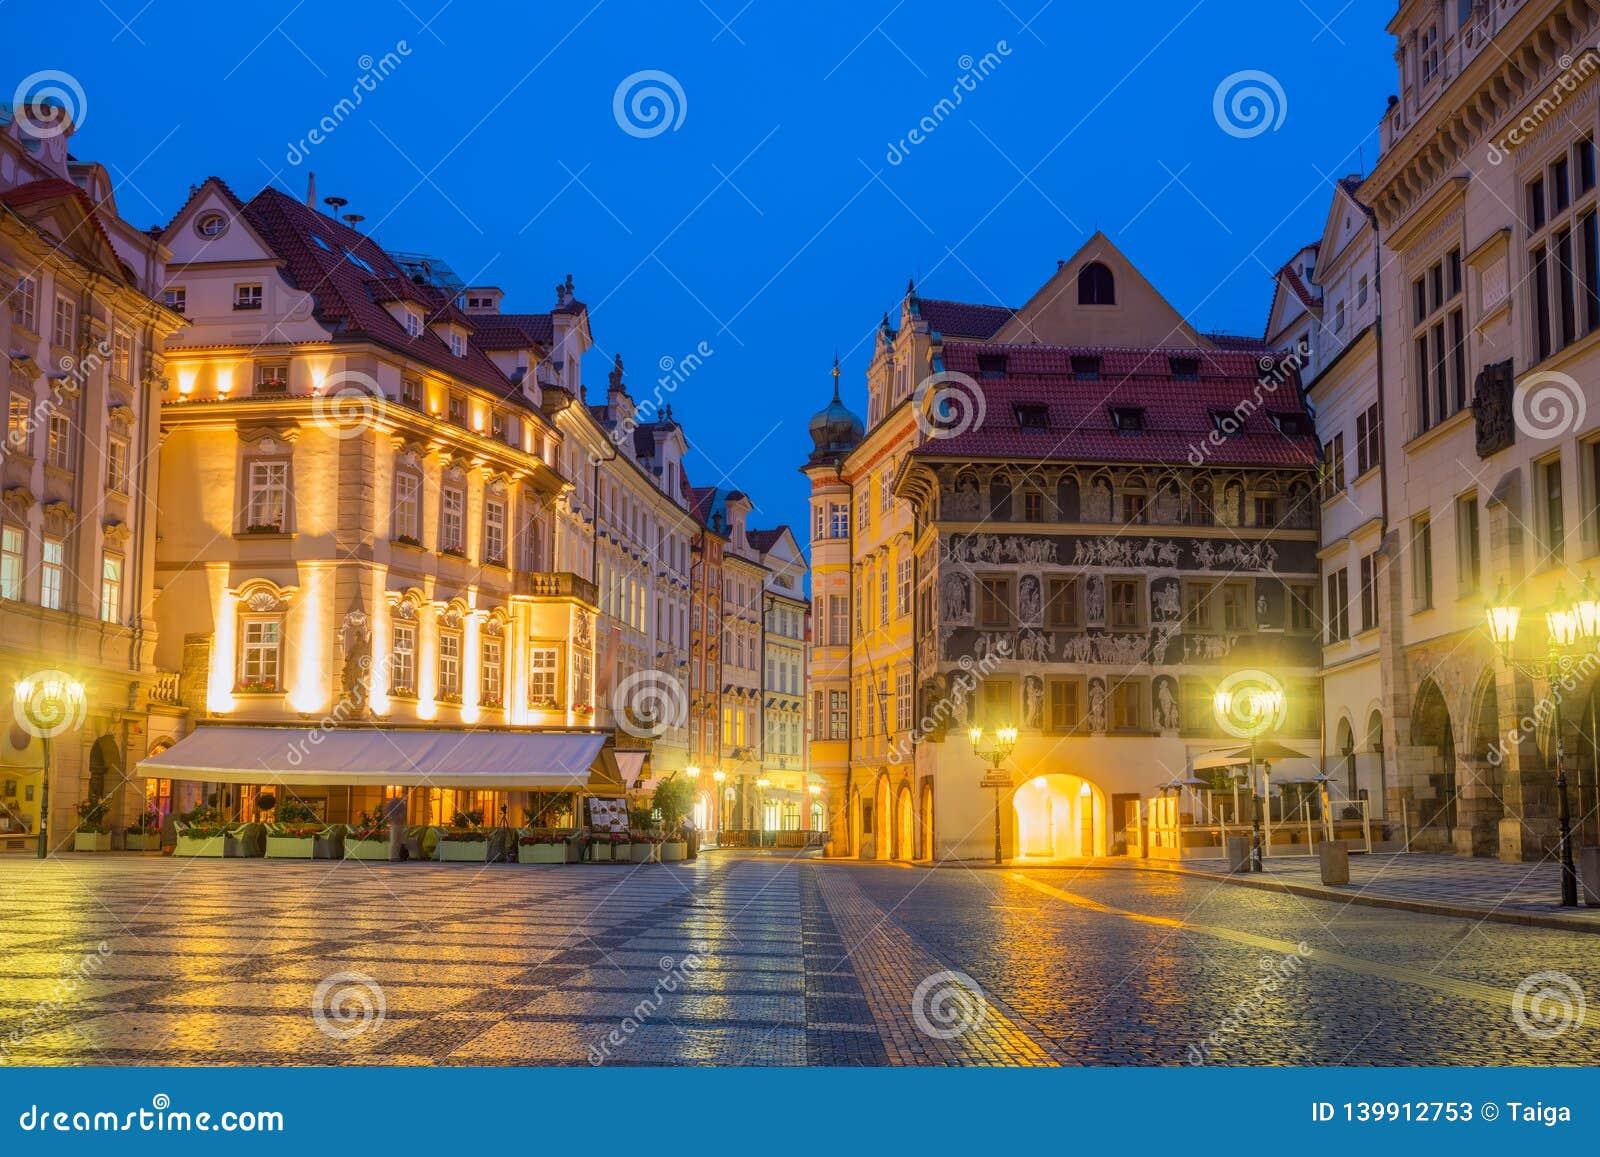 Quadrado histórico velho de Praga na noite com lâmpadas velhas